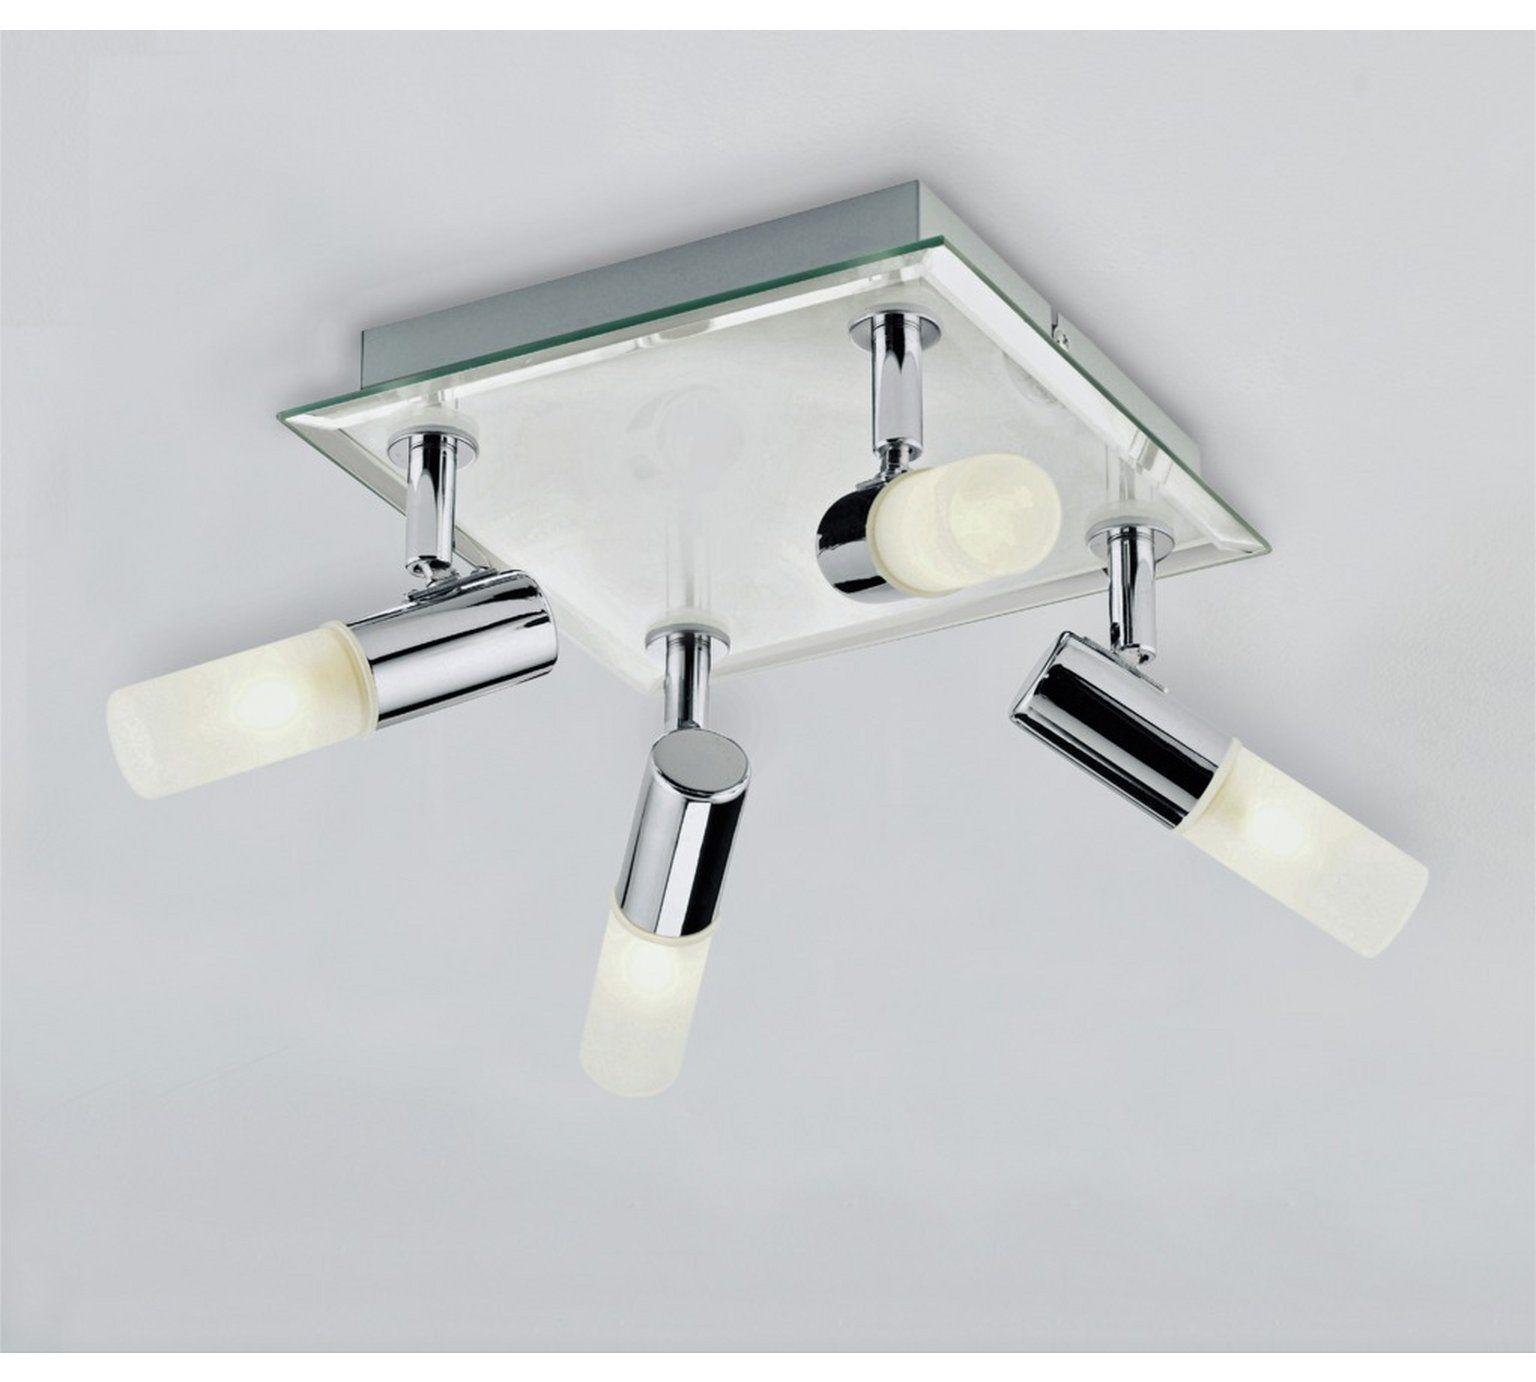 Buy Argos Home Milano 4 Light Square Bathroom Spotlight Chrome